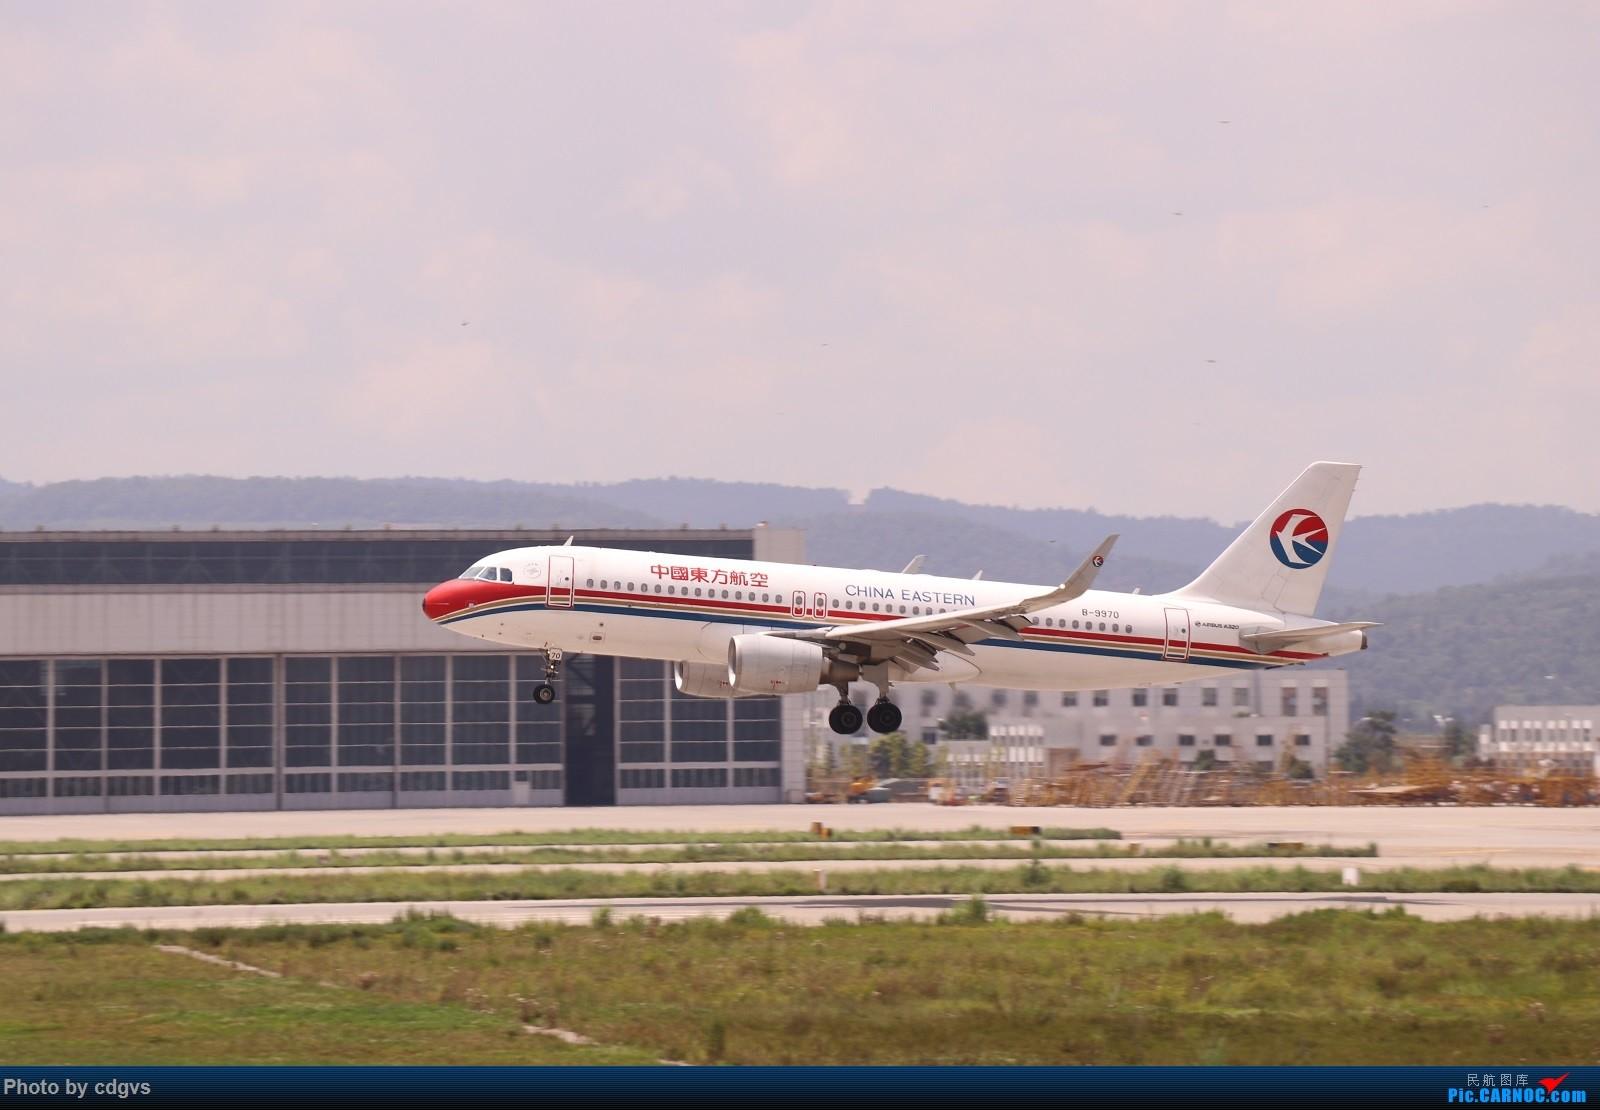 Re:[原创]【KMG】昆明的一天 1600大图 一次看个爽 AIRBUS A320-200 B-9970 中国昆明长水国际机场